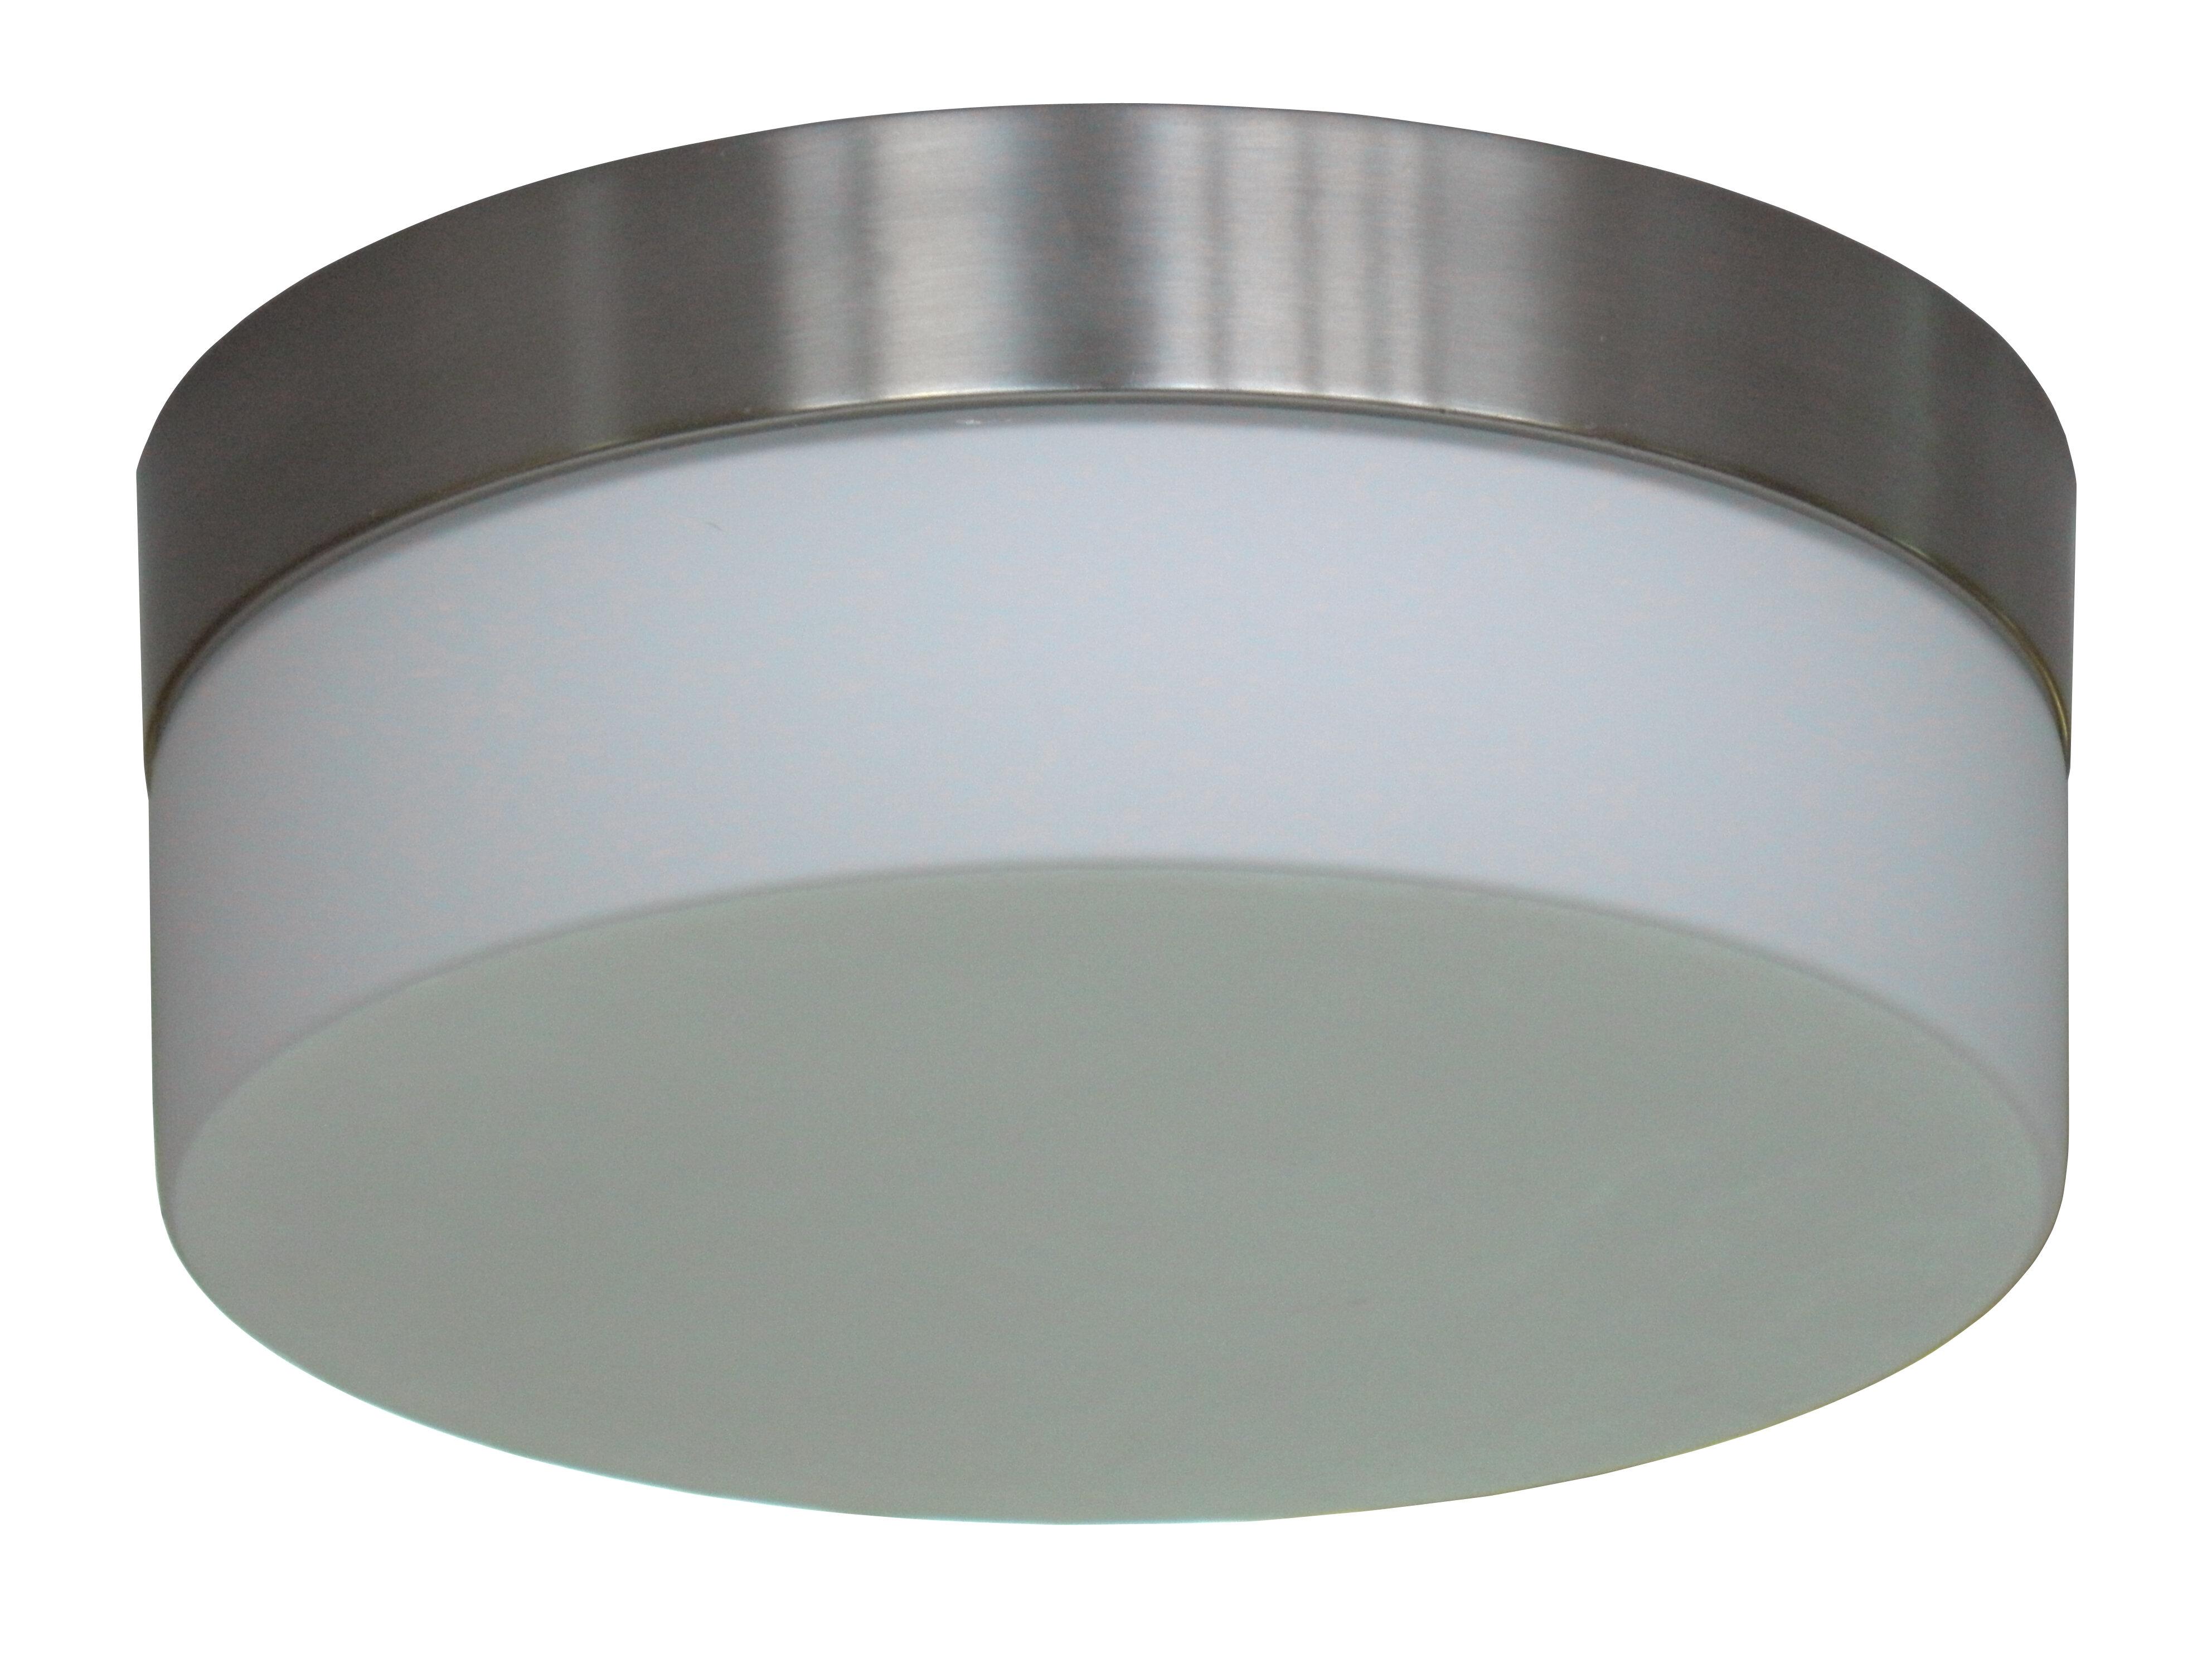 Whitfield Lighting Felix 1-Light Flush Mount | Wayfair